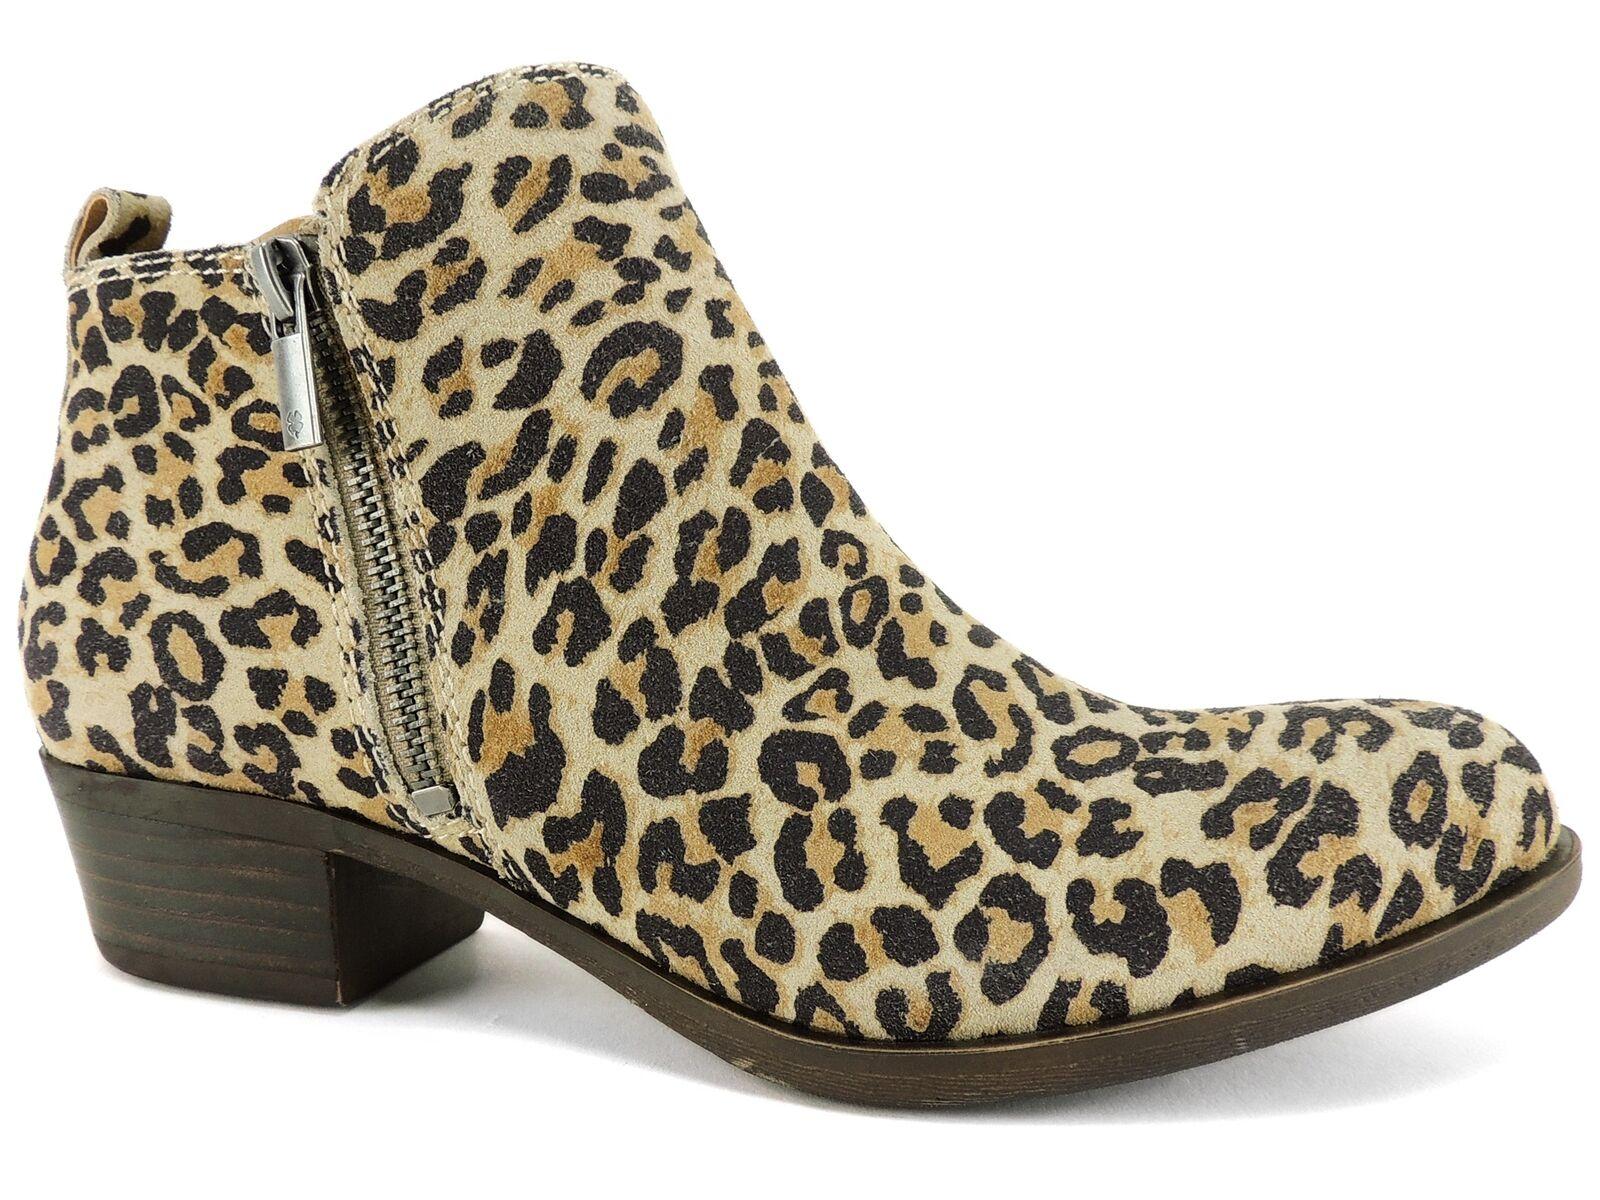 vendite dirette della fabbrica Lucky Brand Donna  Basel Basel Basel avvioies Natural Leopard Dimensione 6 M  consegna veloce e spedizione gratuita per tutti gli ordini